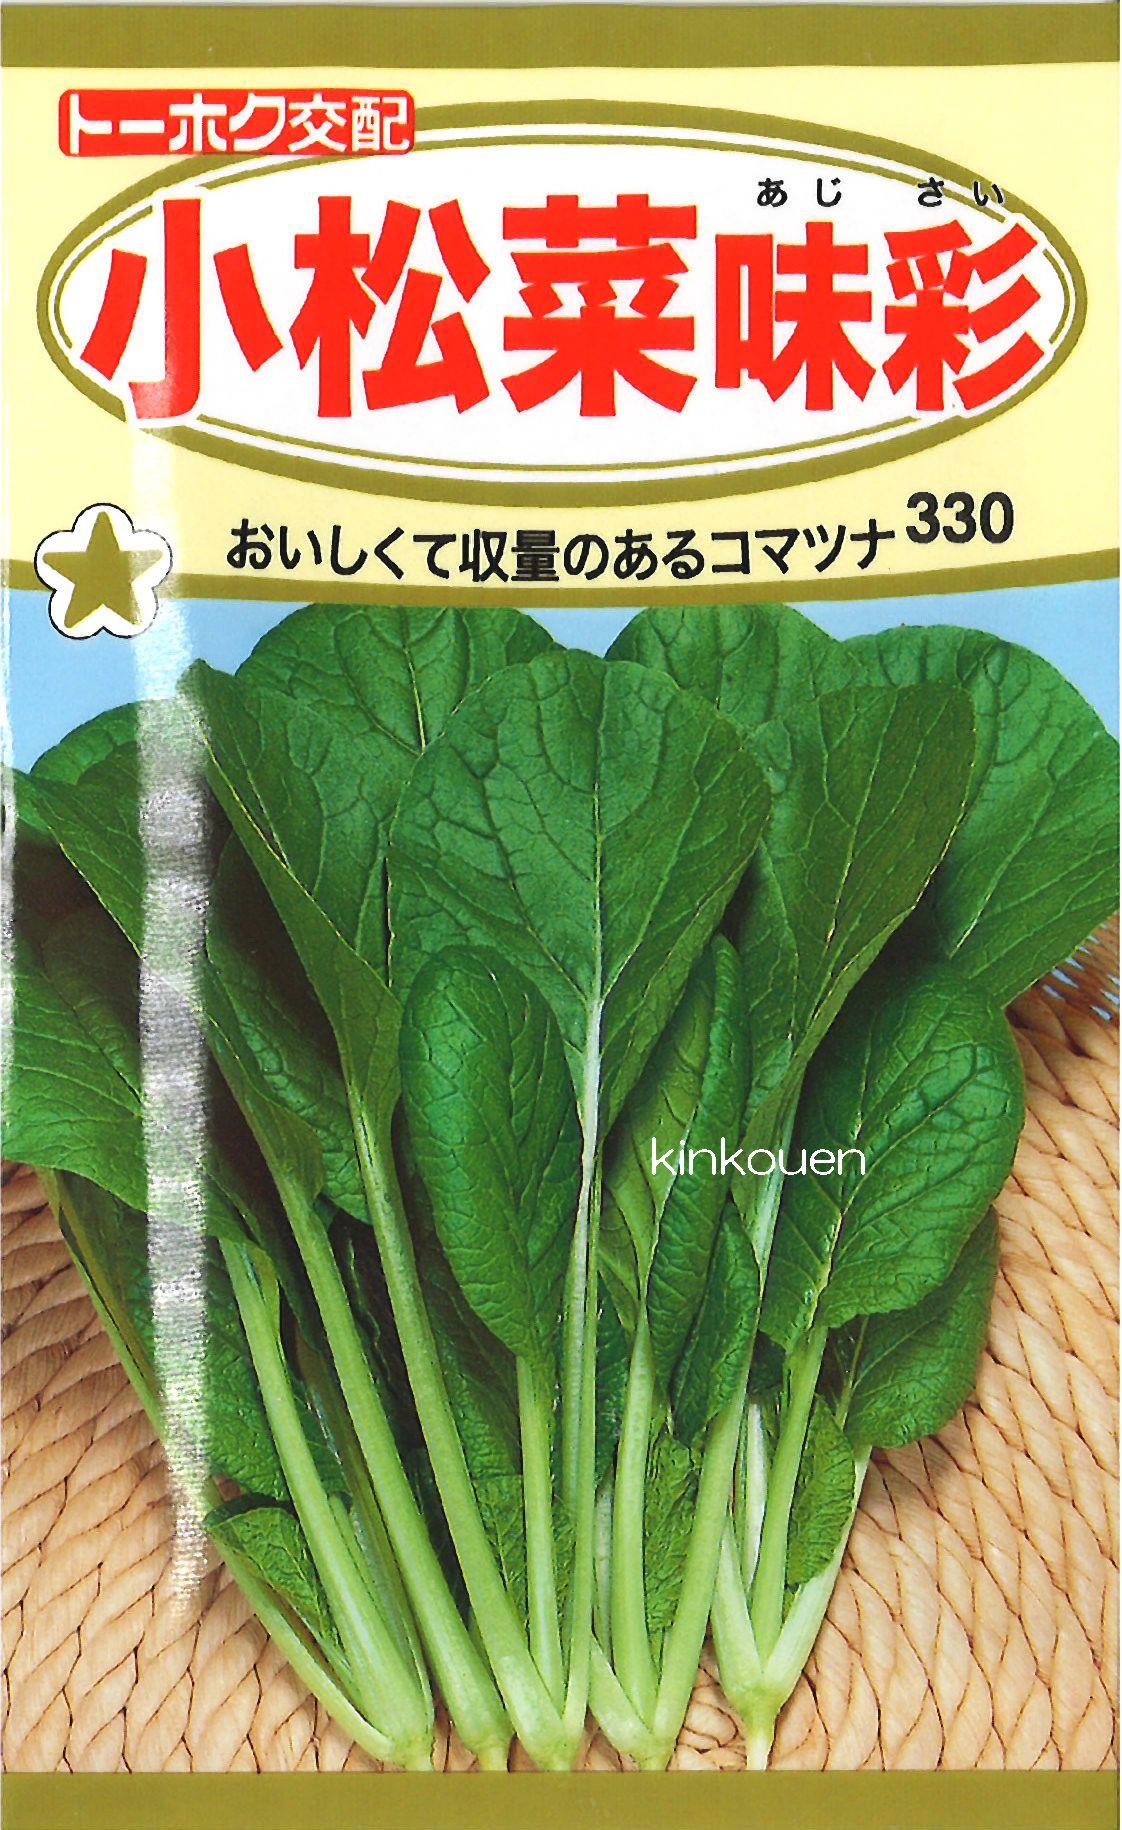 《代引不可》《5袋まで送料80円》 □小松菜味彩